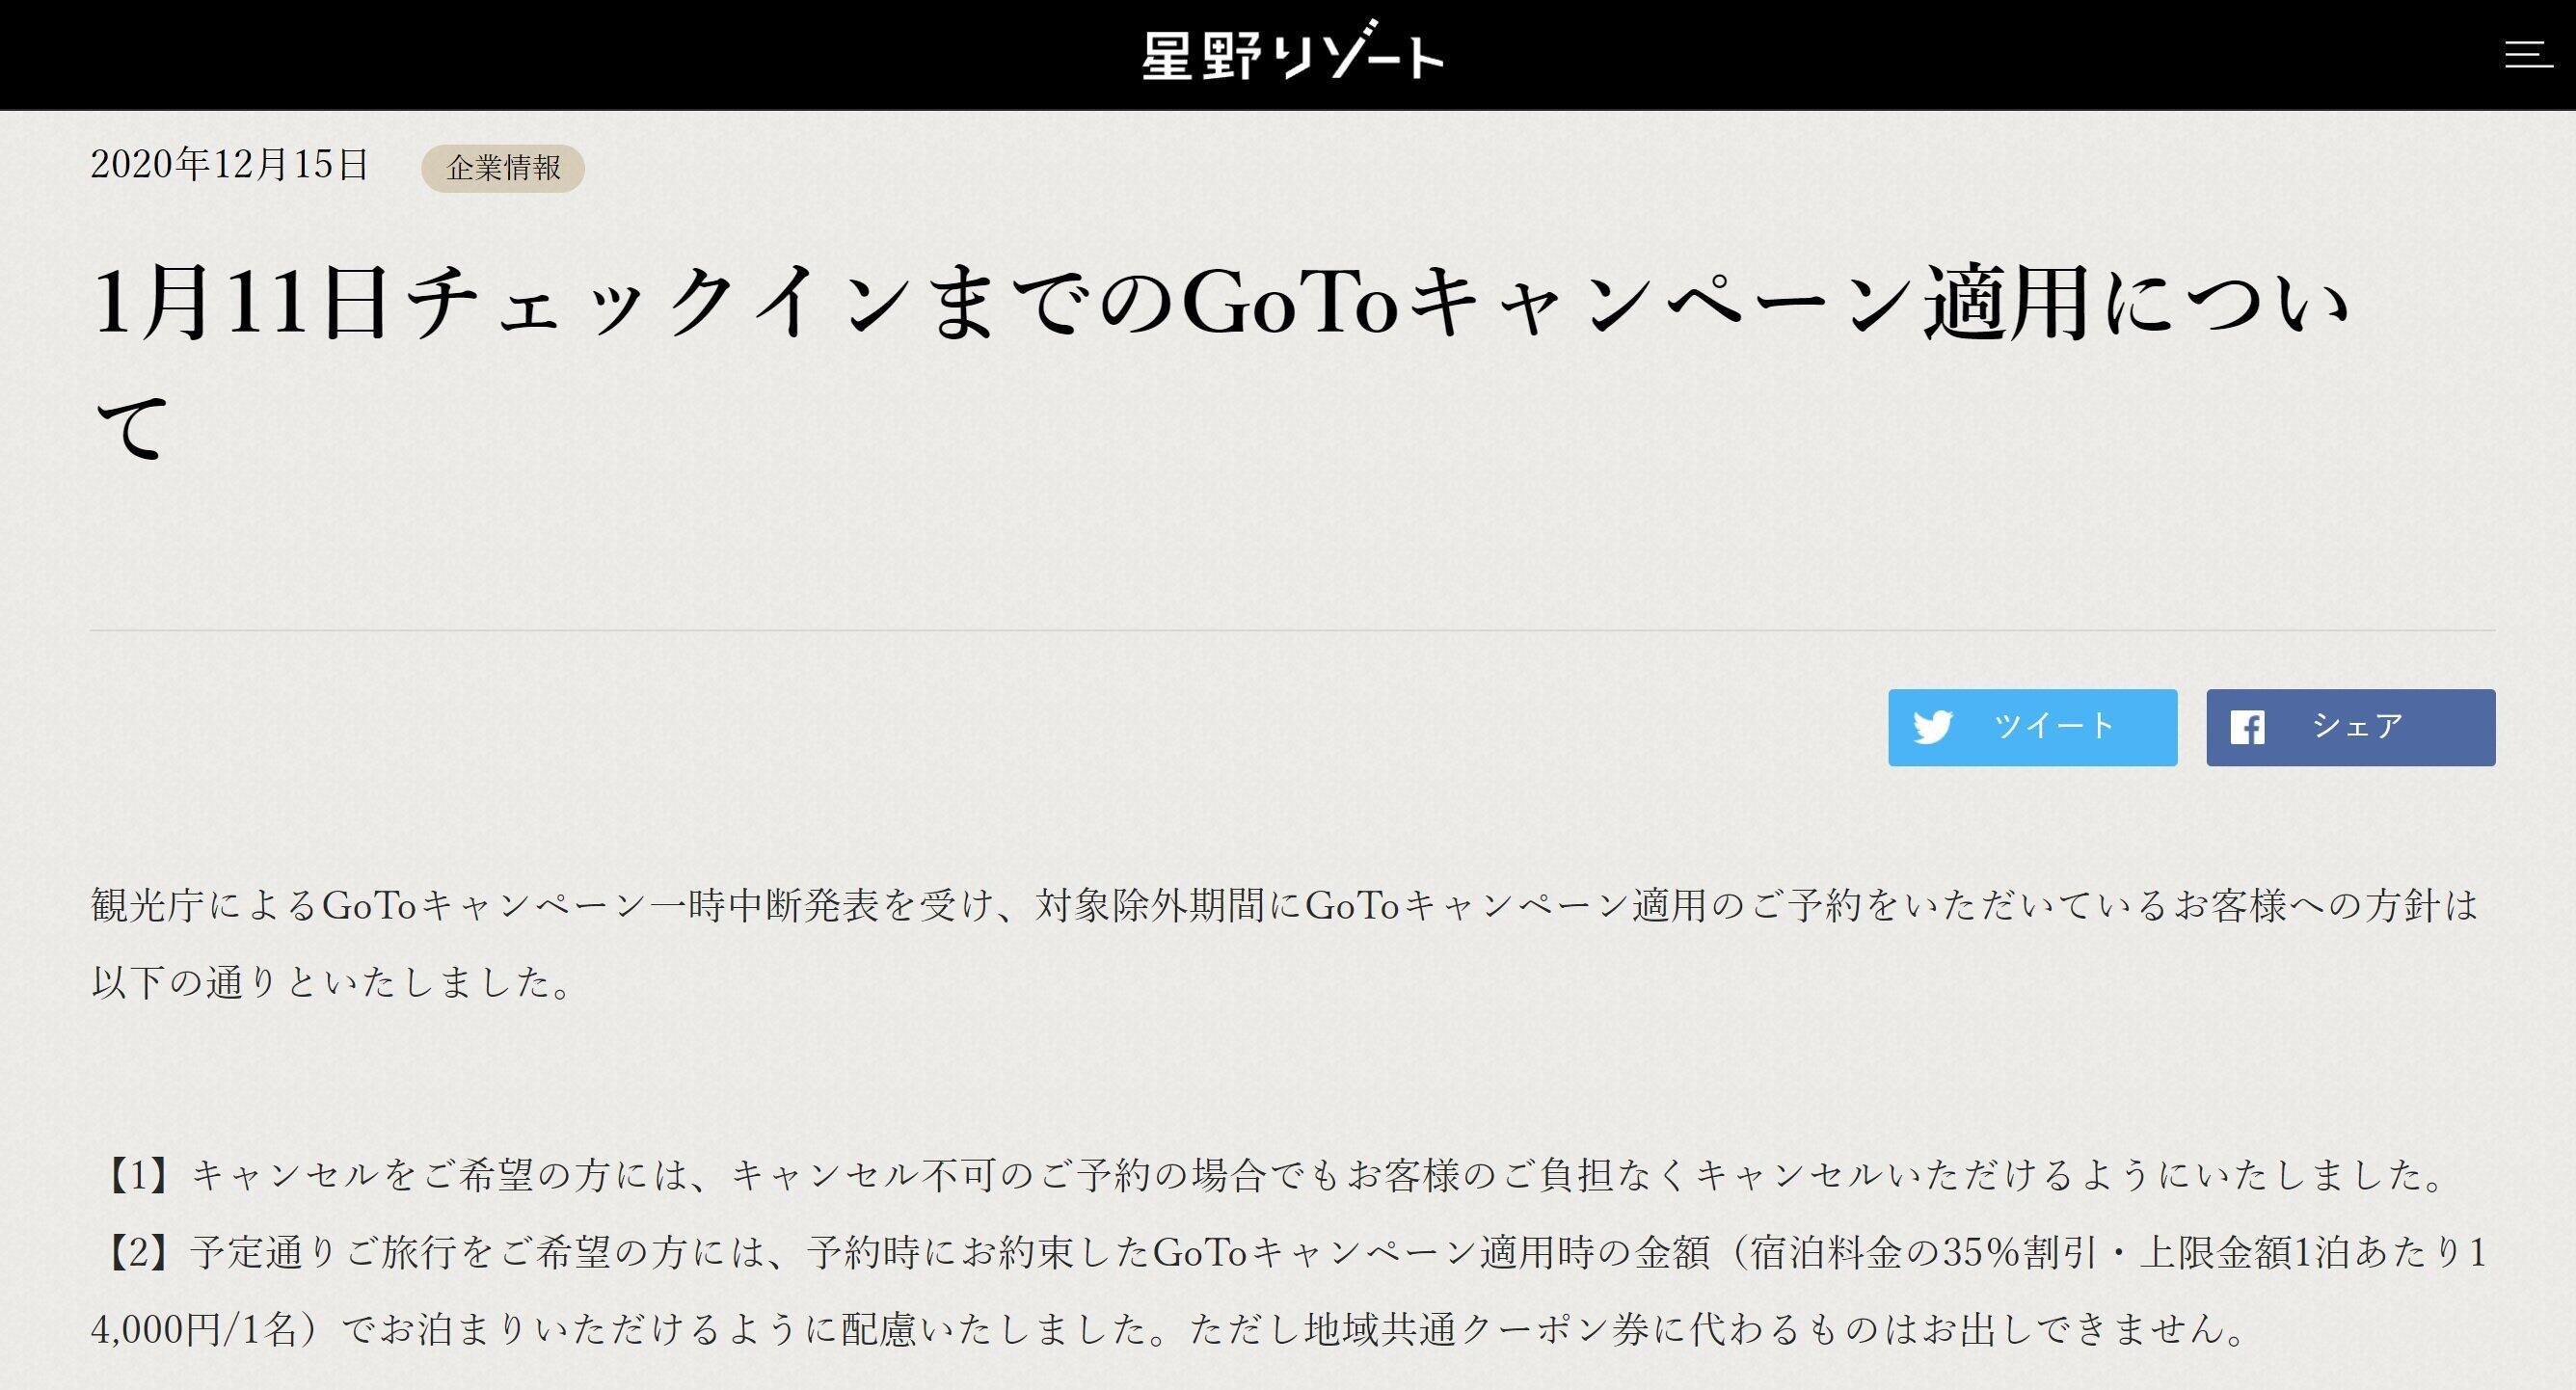 """差別 発言 dhc 【DHCまた問題文章「NHKは日本の敵」】「文春に情報を出した」DHC新入社員が""""濡れ衣""""で懲戒解雇 弁護士は「不当解雇にあたる可能性が高い」"""